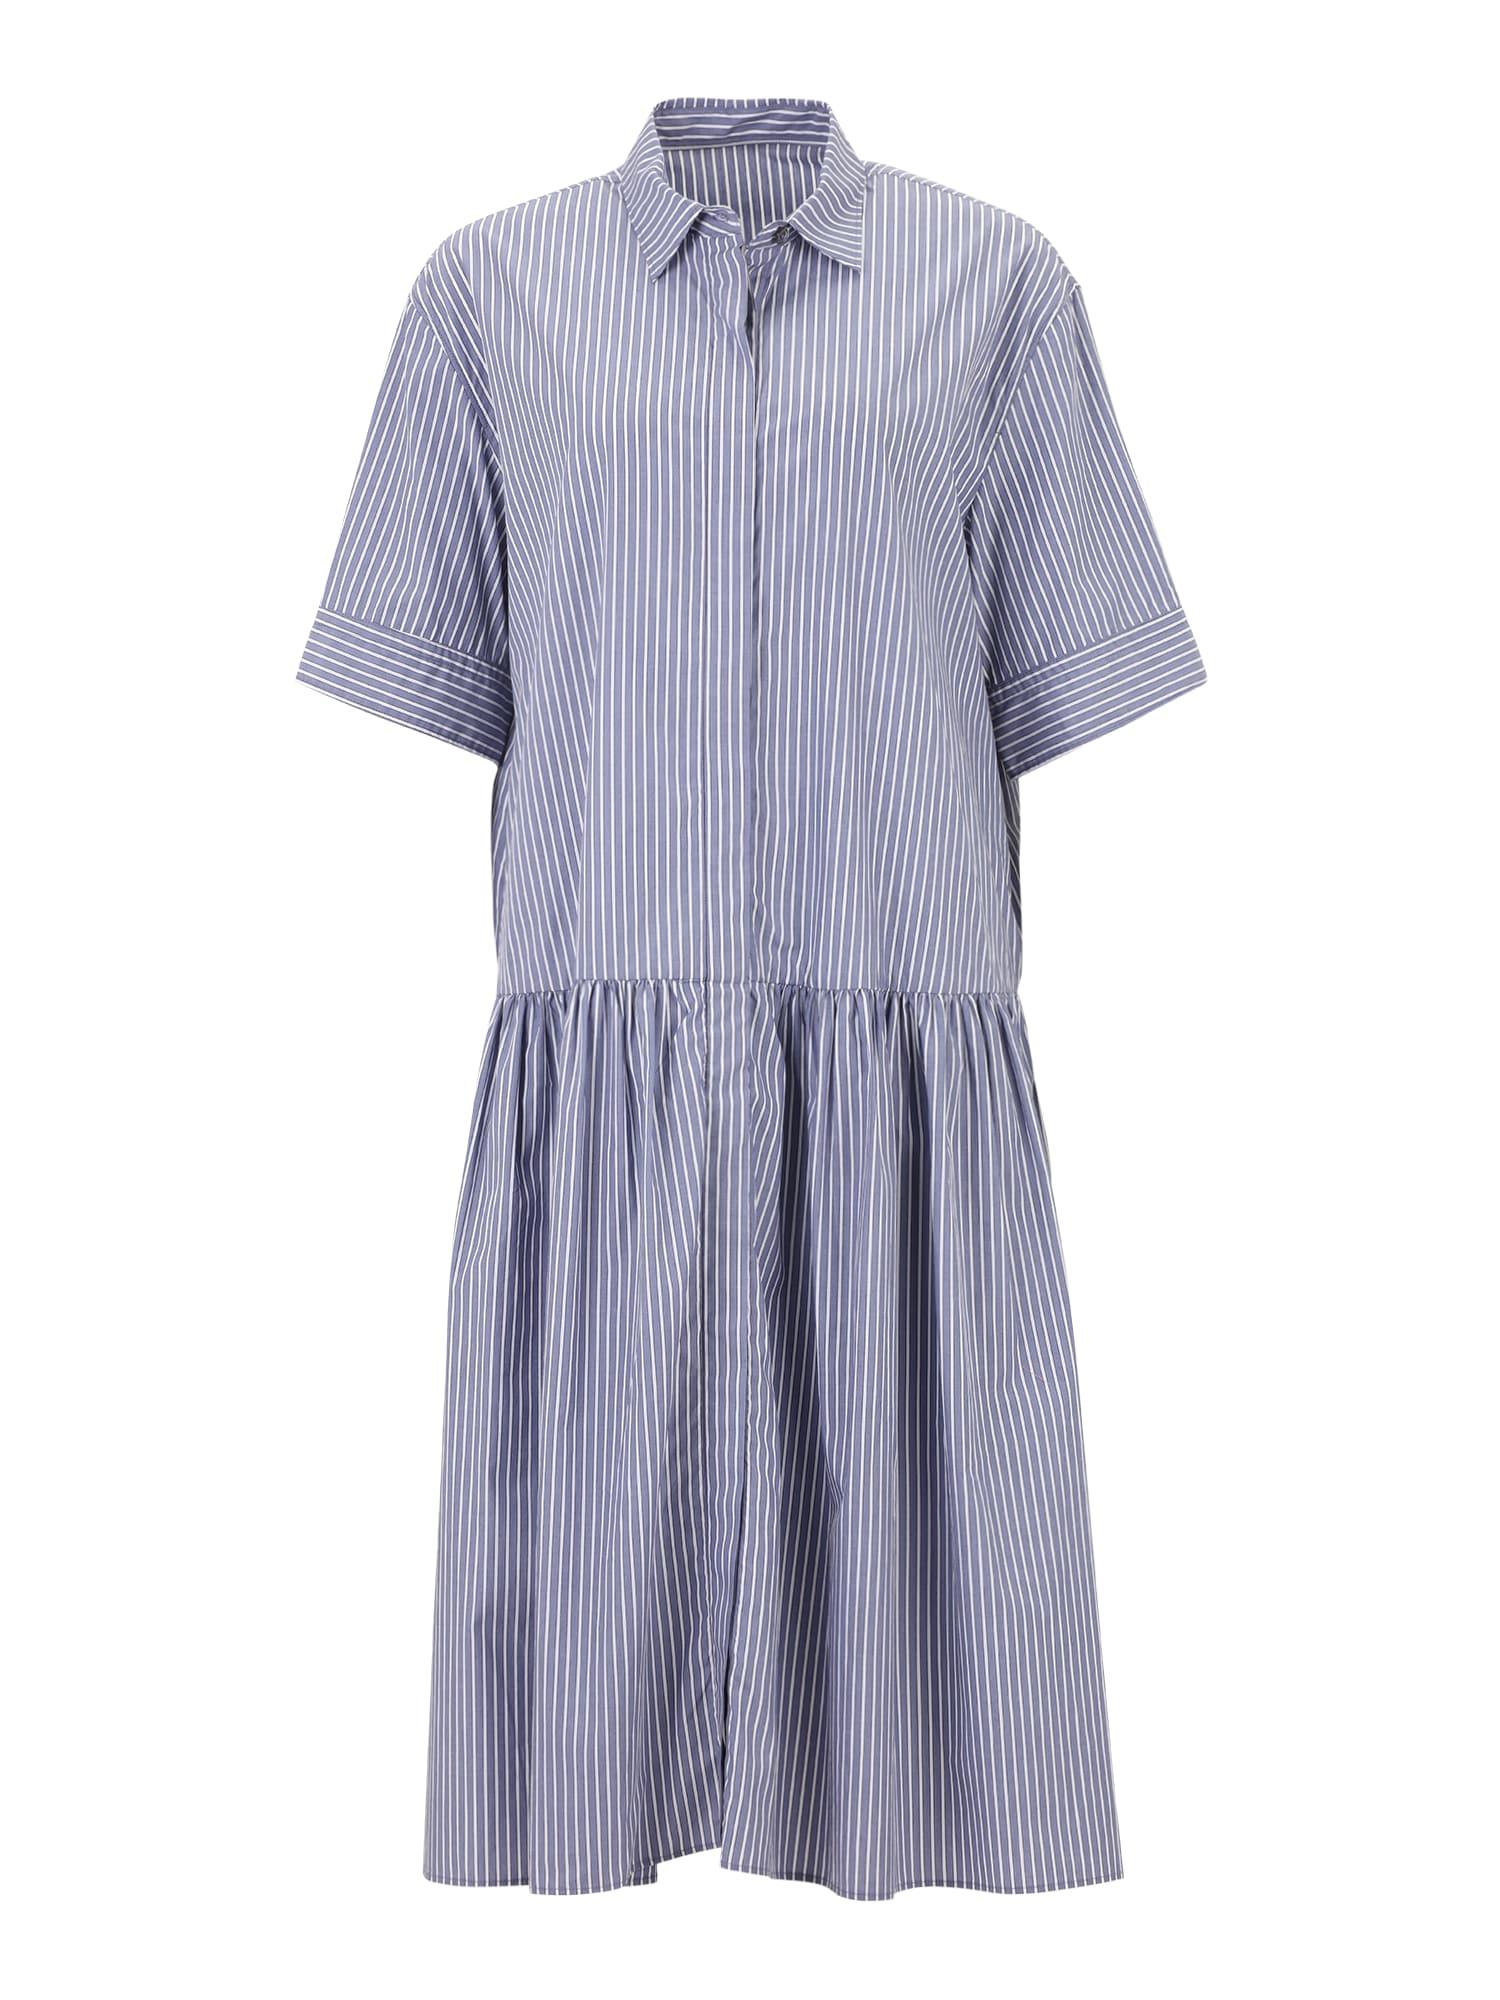 JNBY Palaidinės tipo suknelė indigo spalva / balta